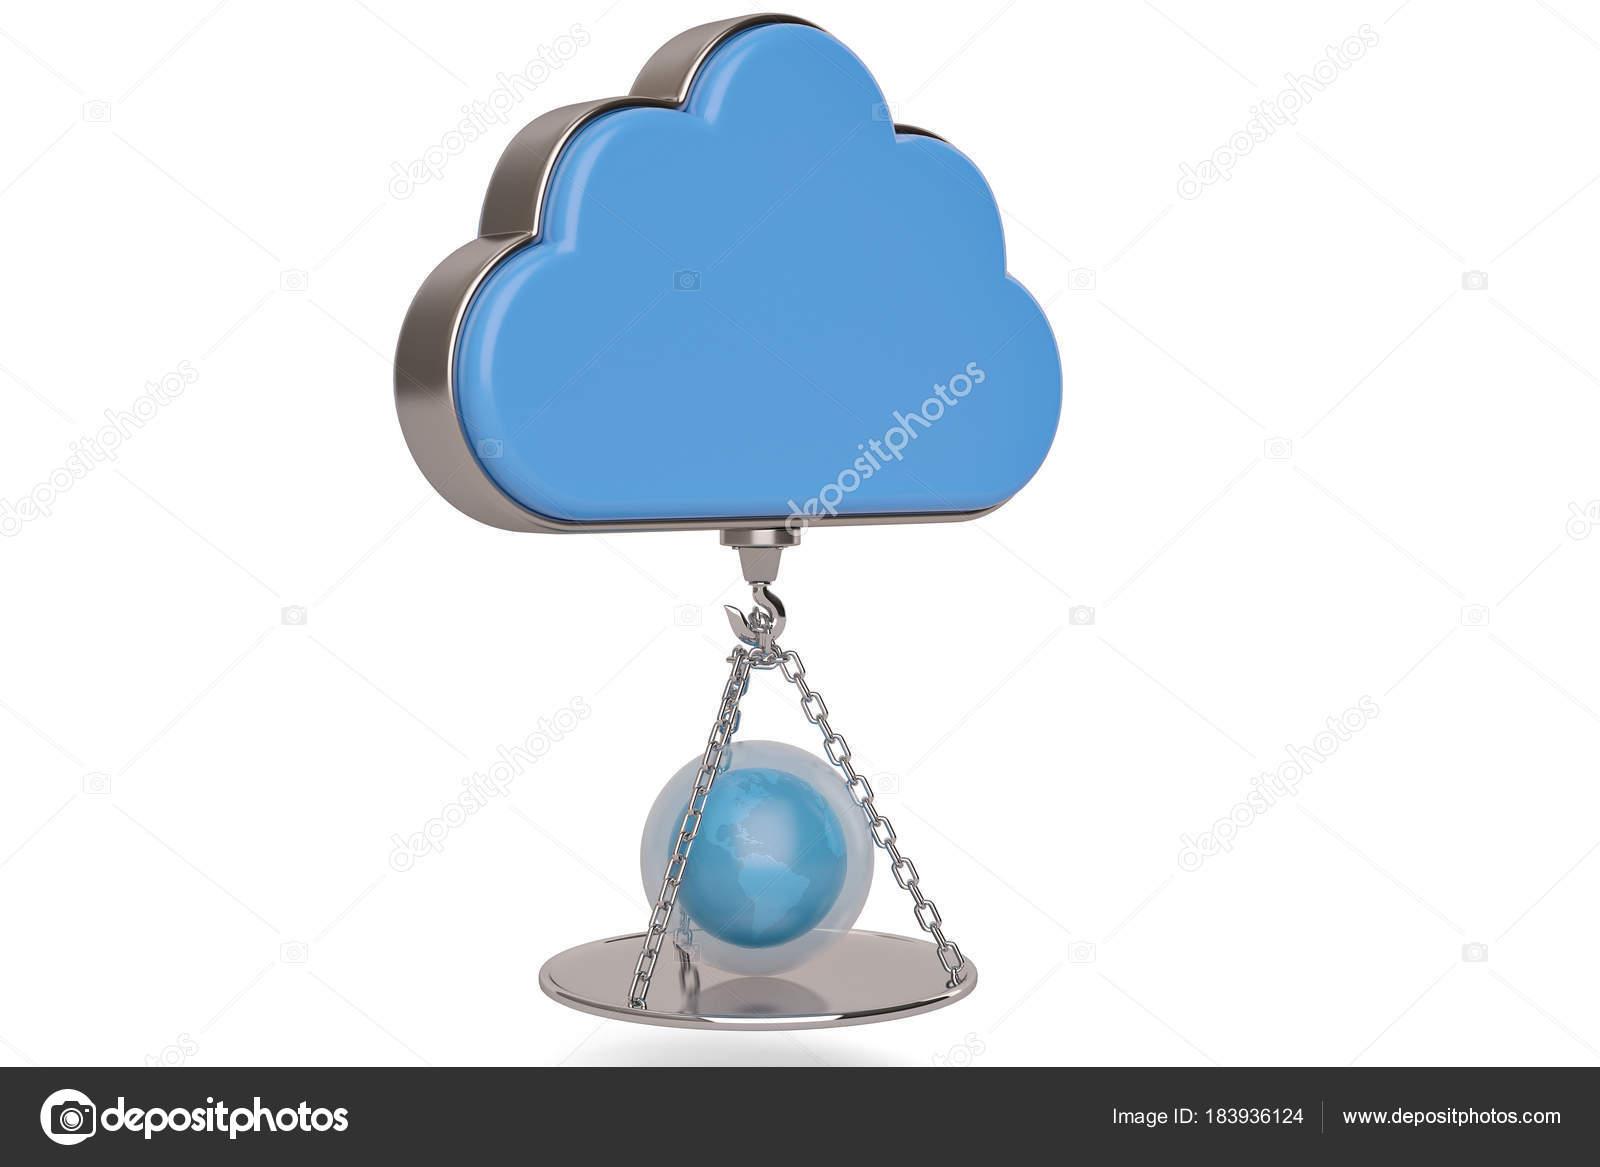 Kreative Idee Und Inspiration Wolke Und Globus Beim Wiegen Von Geschirr 3 Stockfoto C Holmessu 183936124